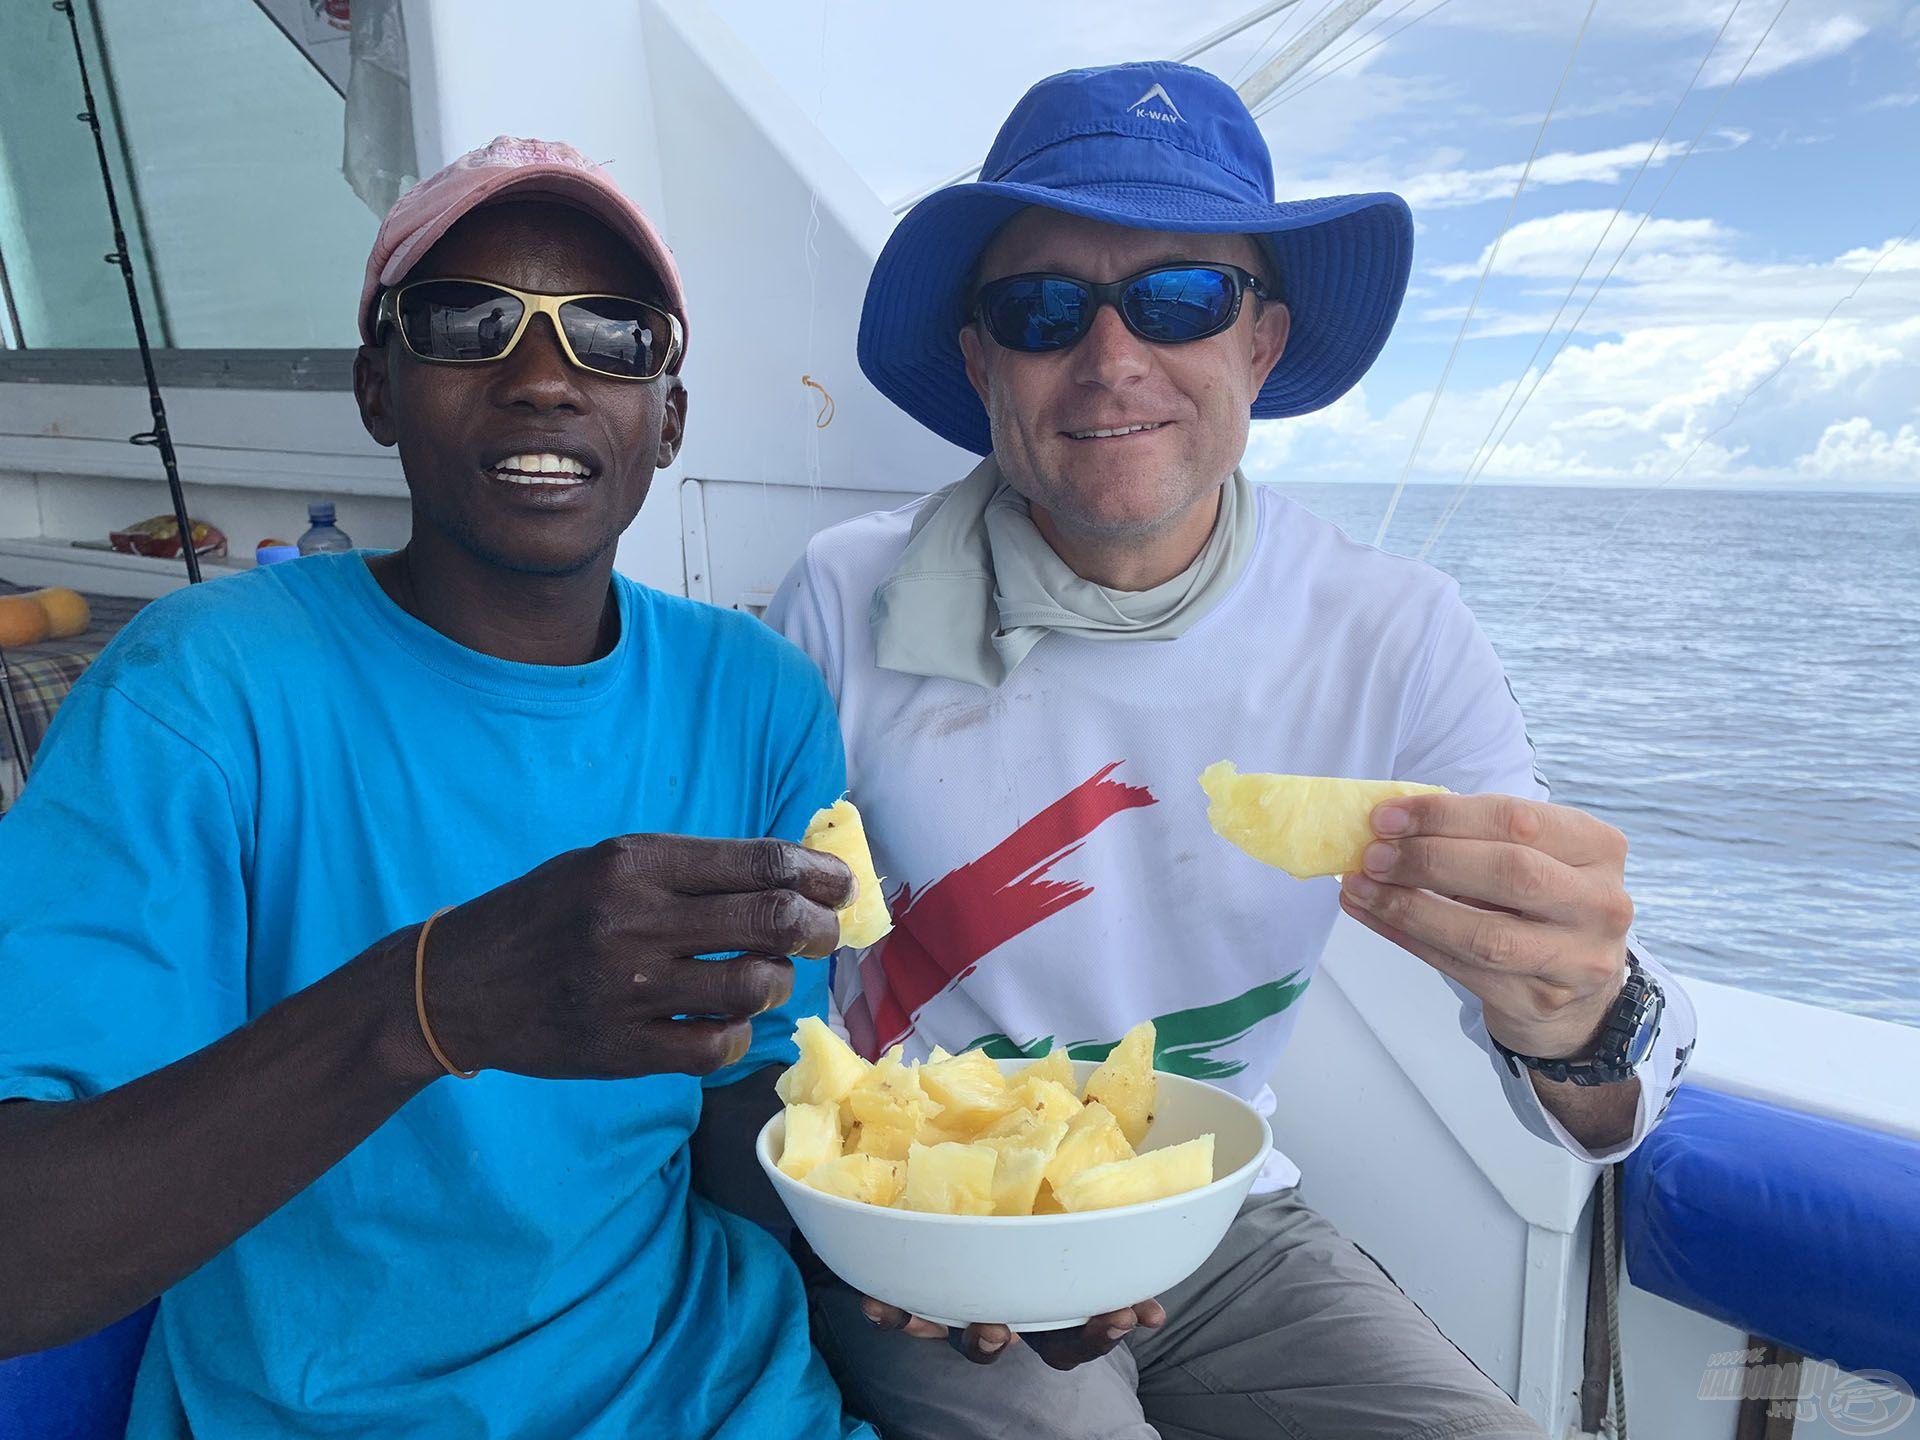 A hajón friss gyümölcsöket és vizet fogyasztottunk csupán, így lehet a legkönnyebben megelőzni a tengeribetegséget